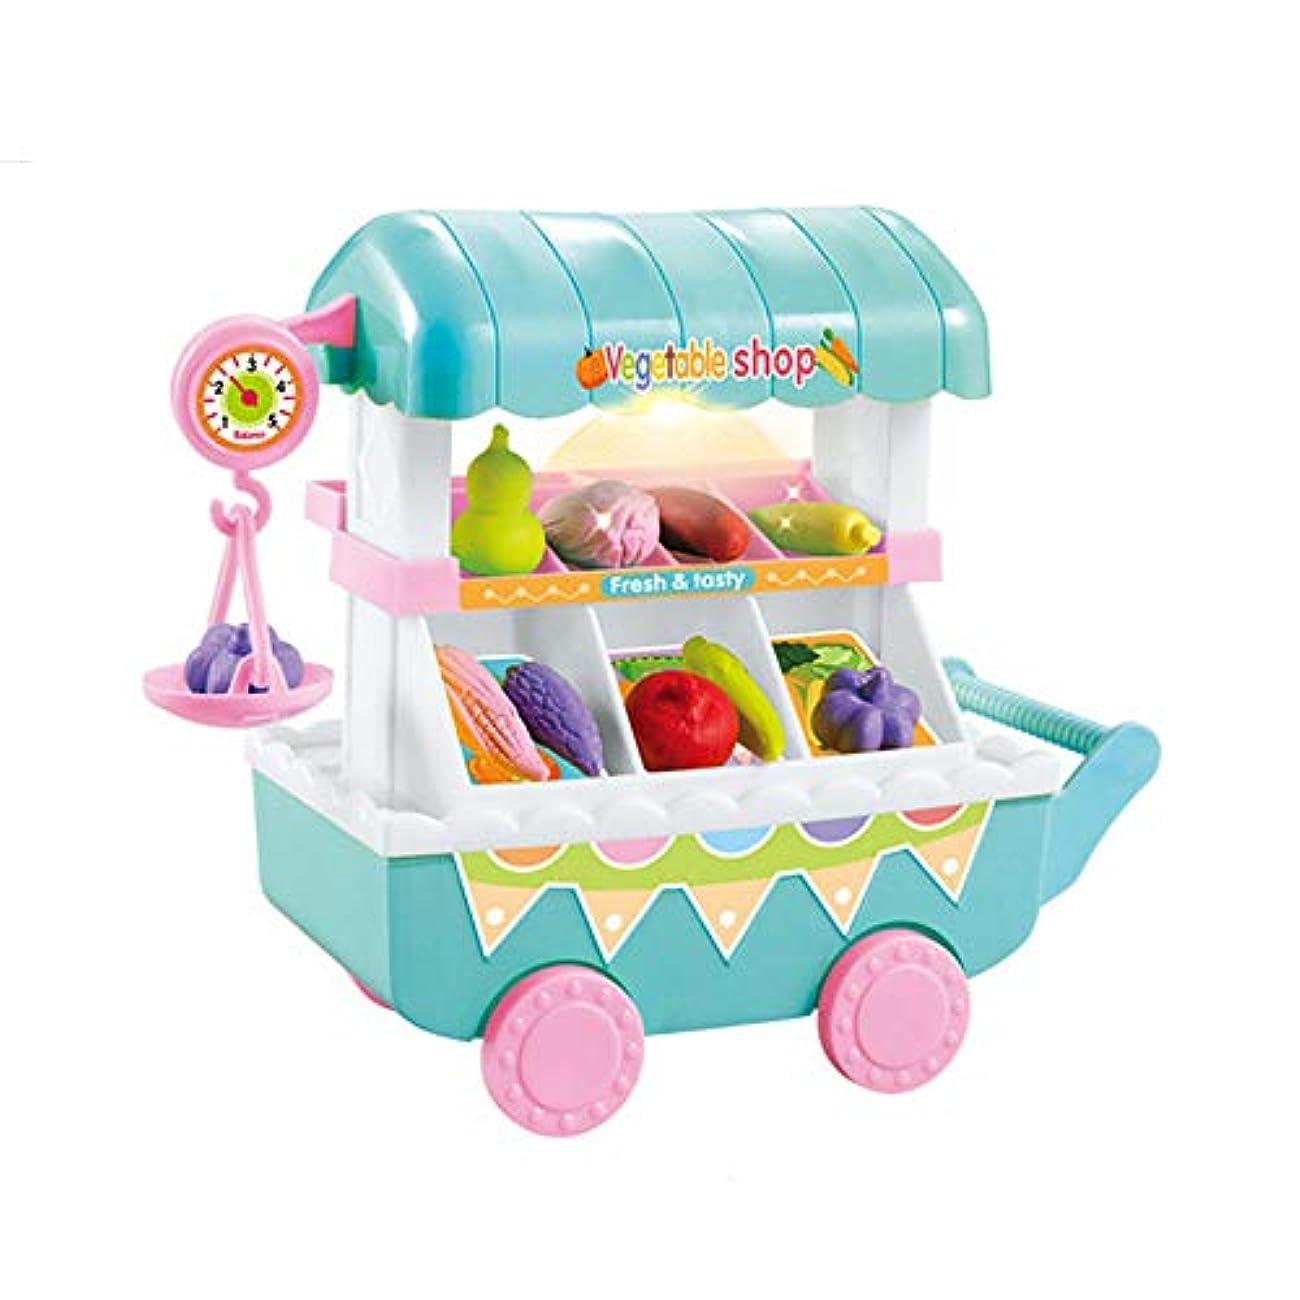 同情仕事に行くスモッグままごとおもちゃ ミニ果物と野菜の台車 キッチンおもちゃ 音楽 ライト 知育玩具 お誕生日 入園お祝い プレゼント 大人気 女の子 男の子 青